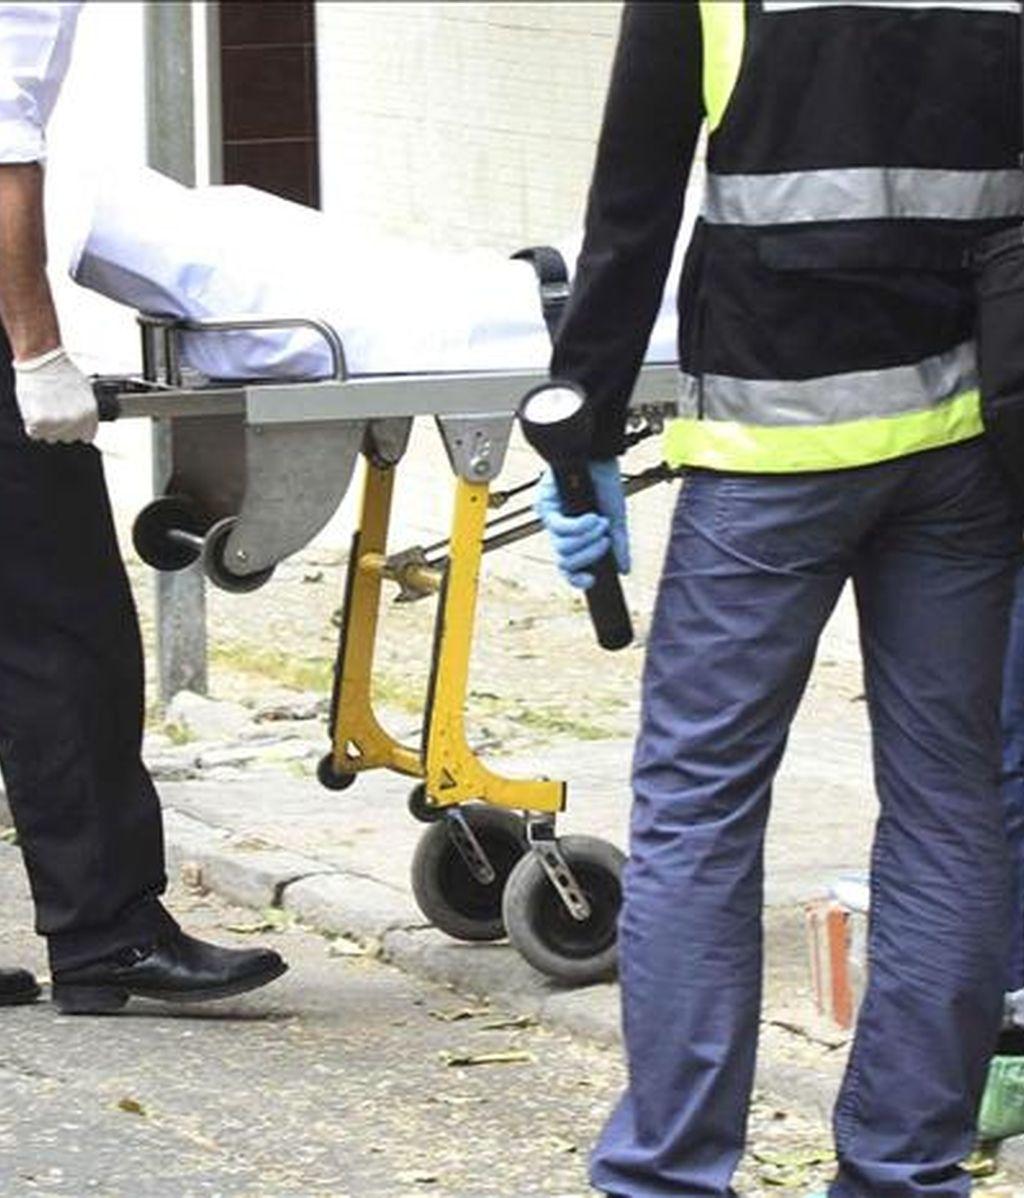 Servicios funerarios trasladan un cadáver. EFE/Archivo